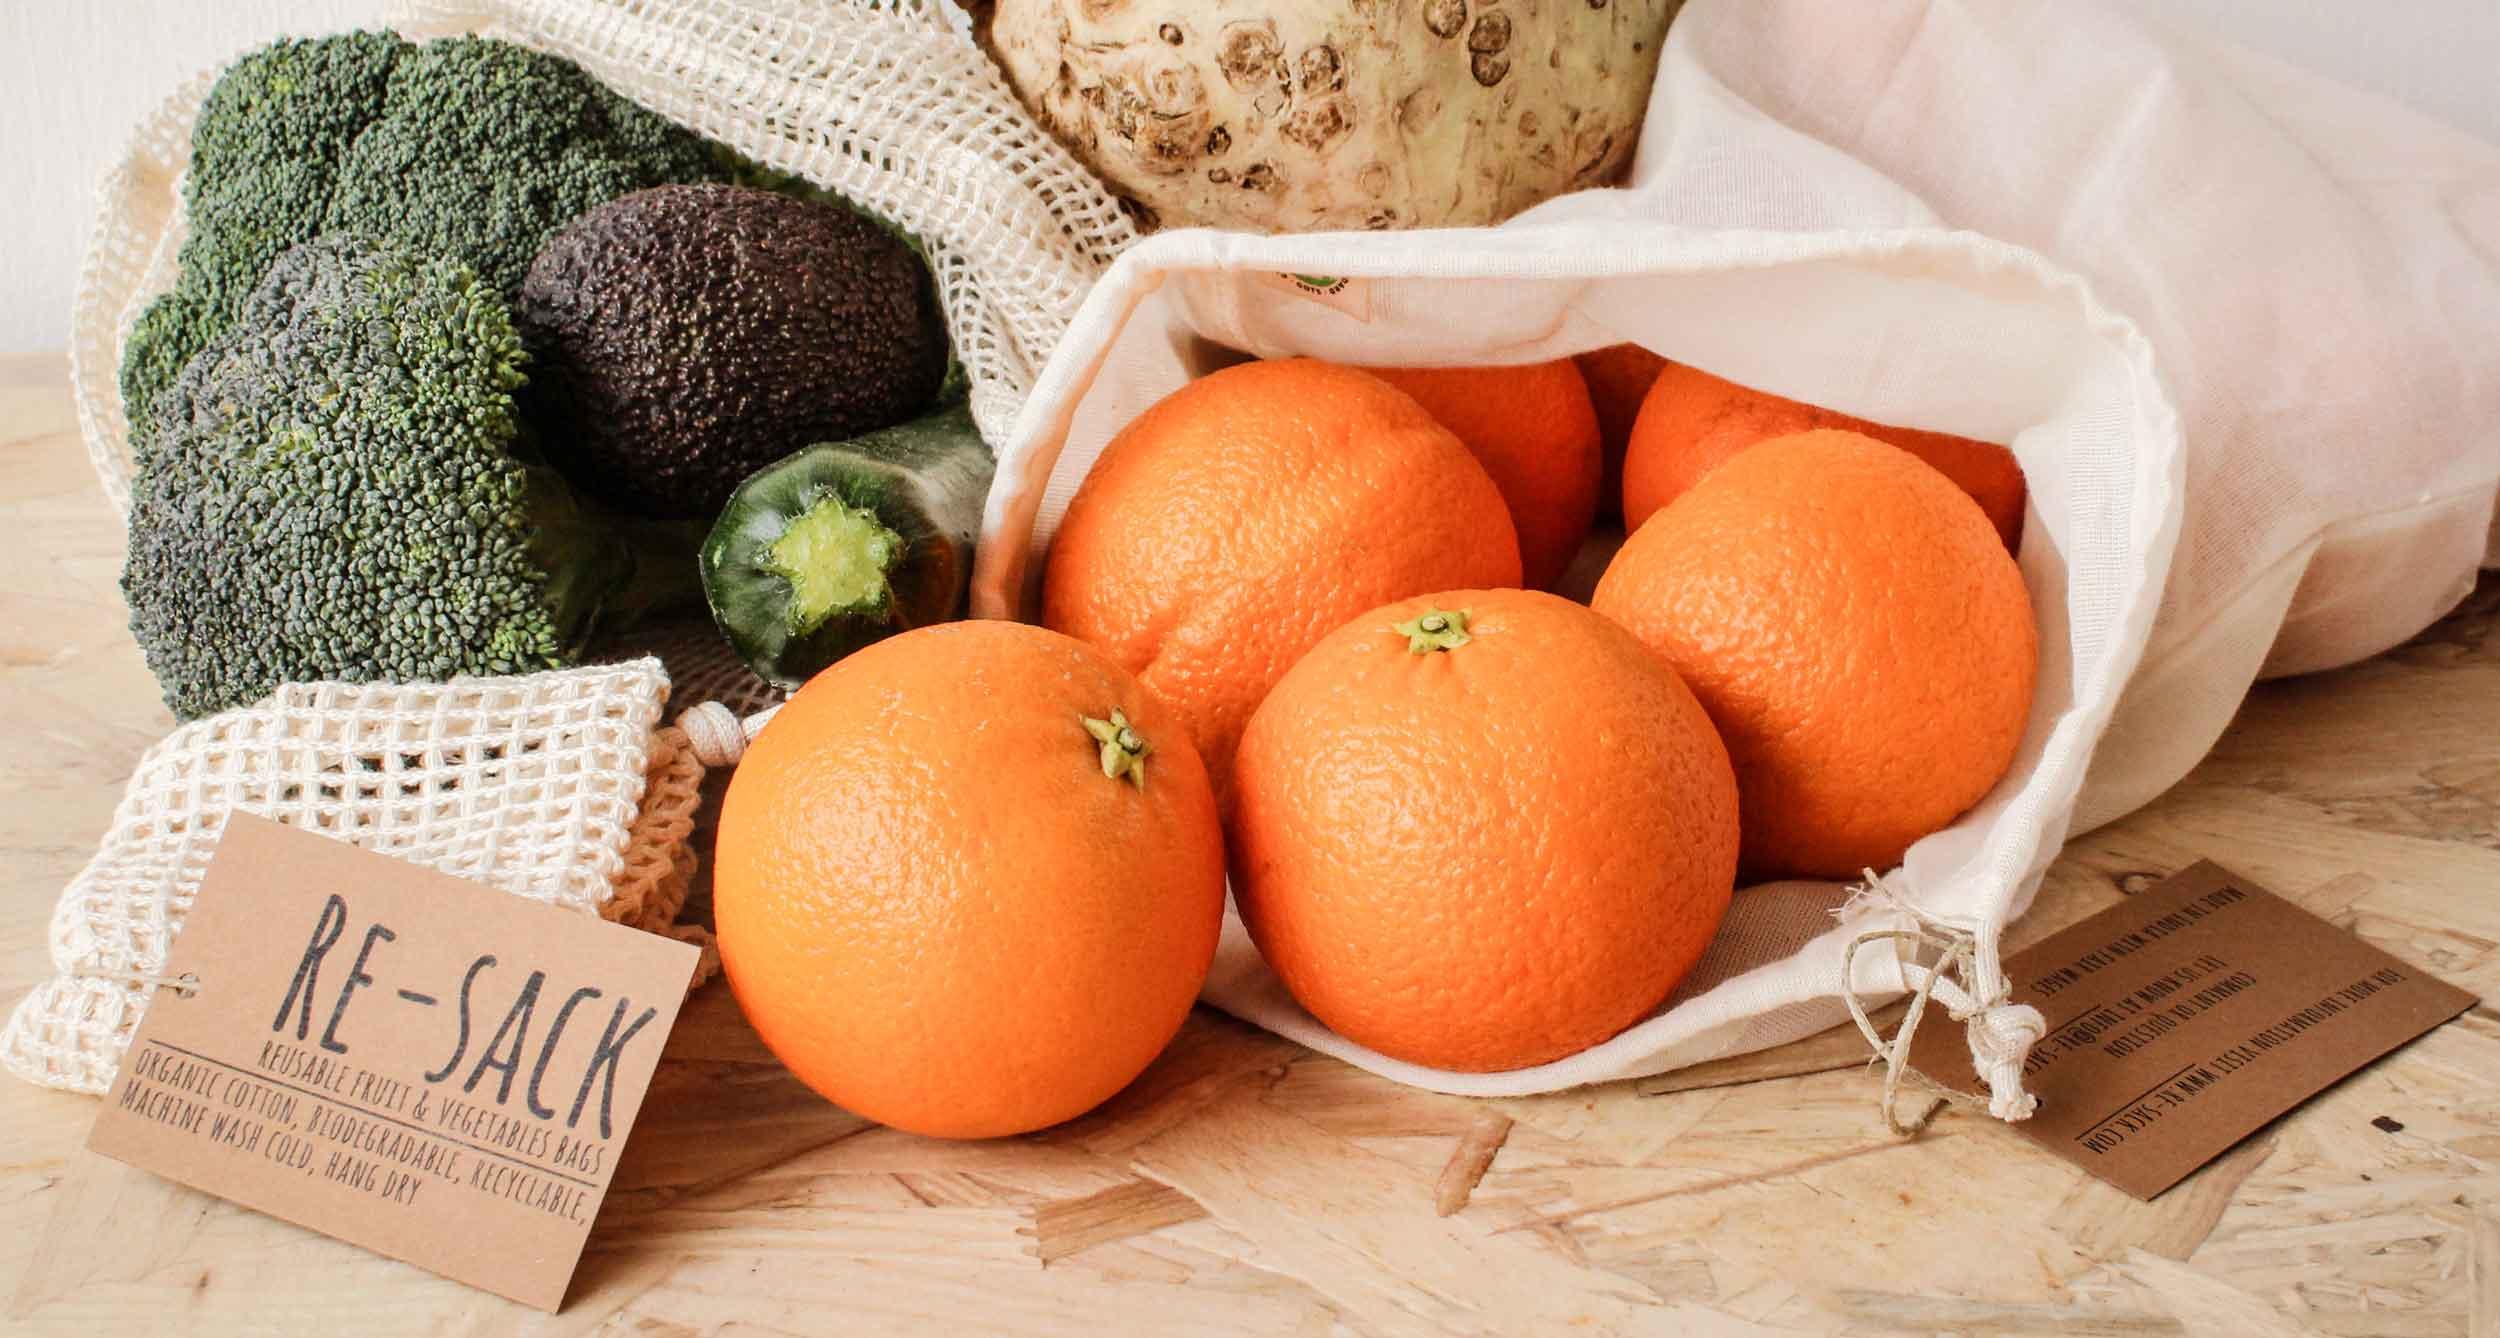 Groente & fruit van De Bionier